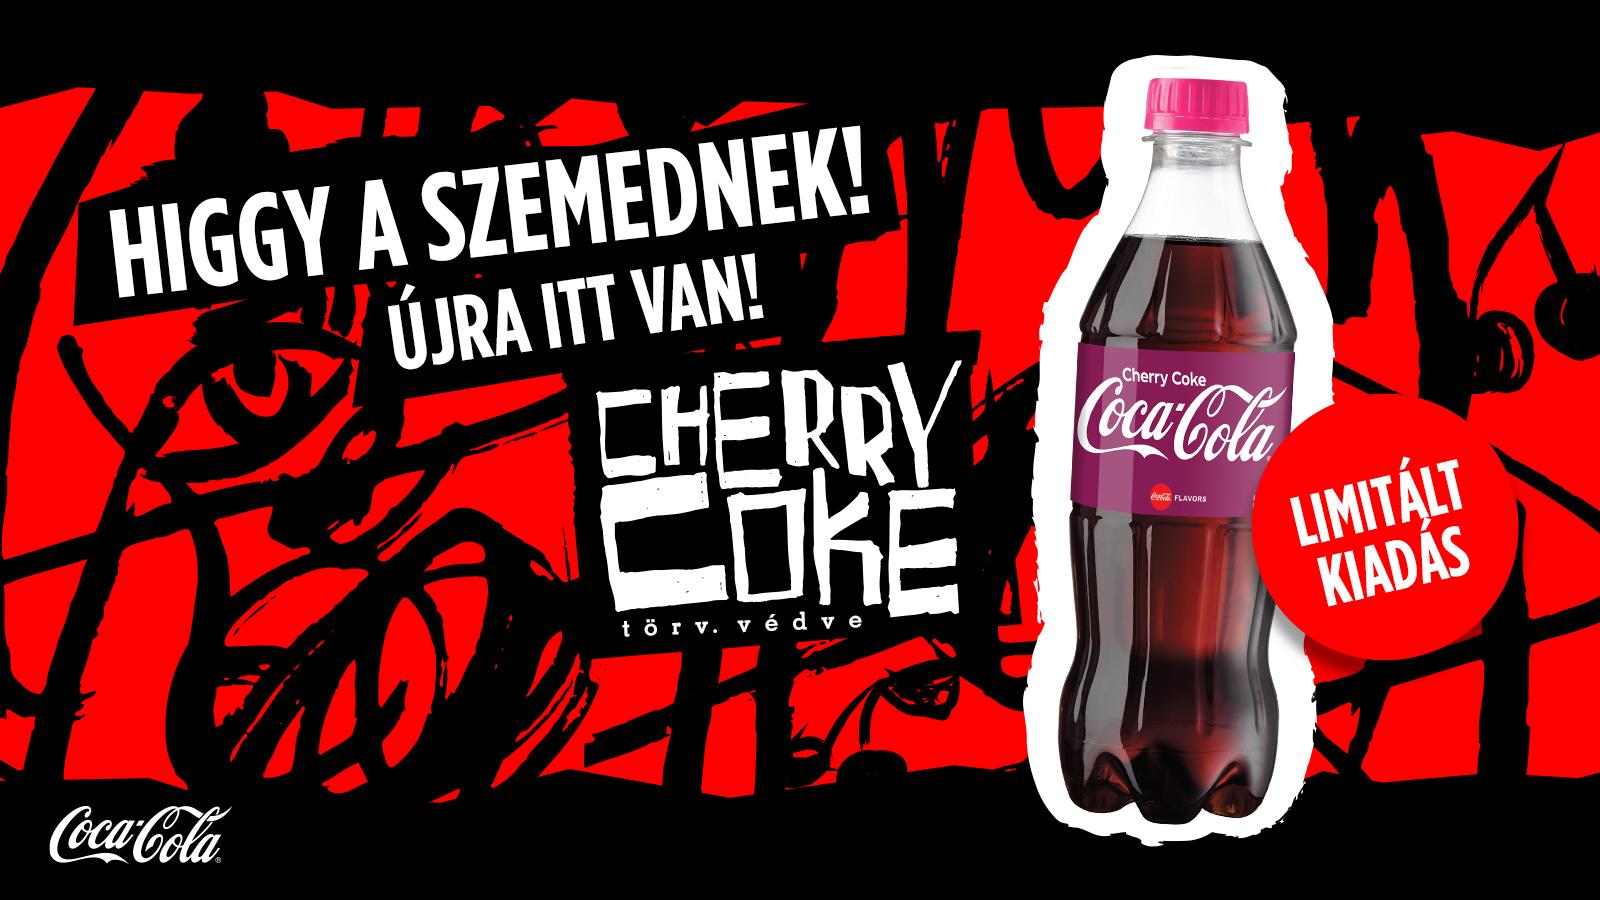 cherry_coke_ujra_itt_van.png